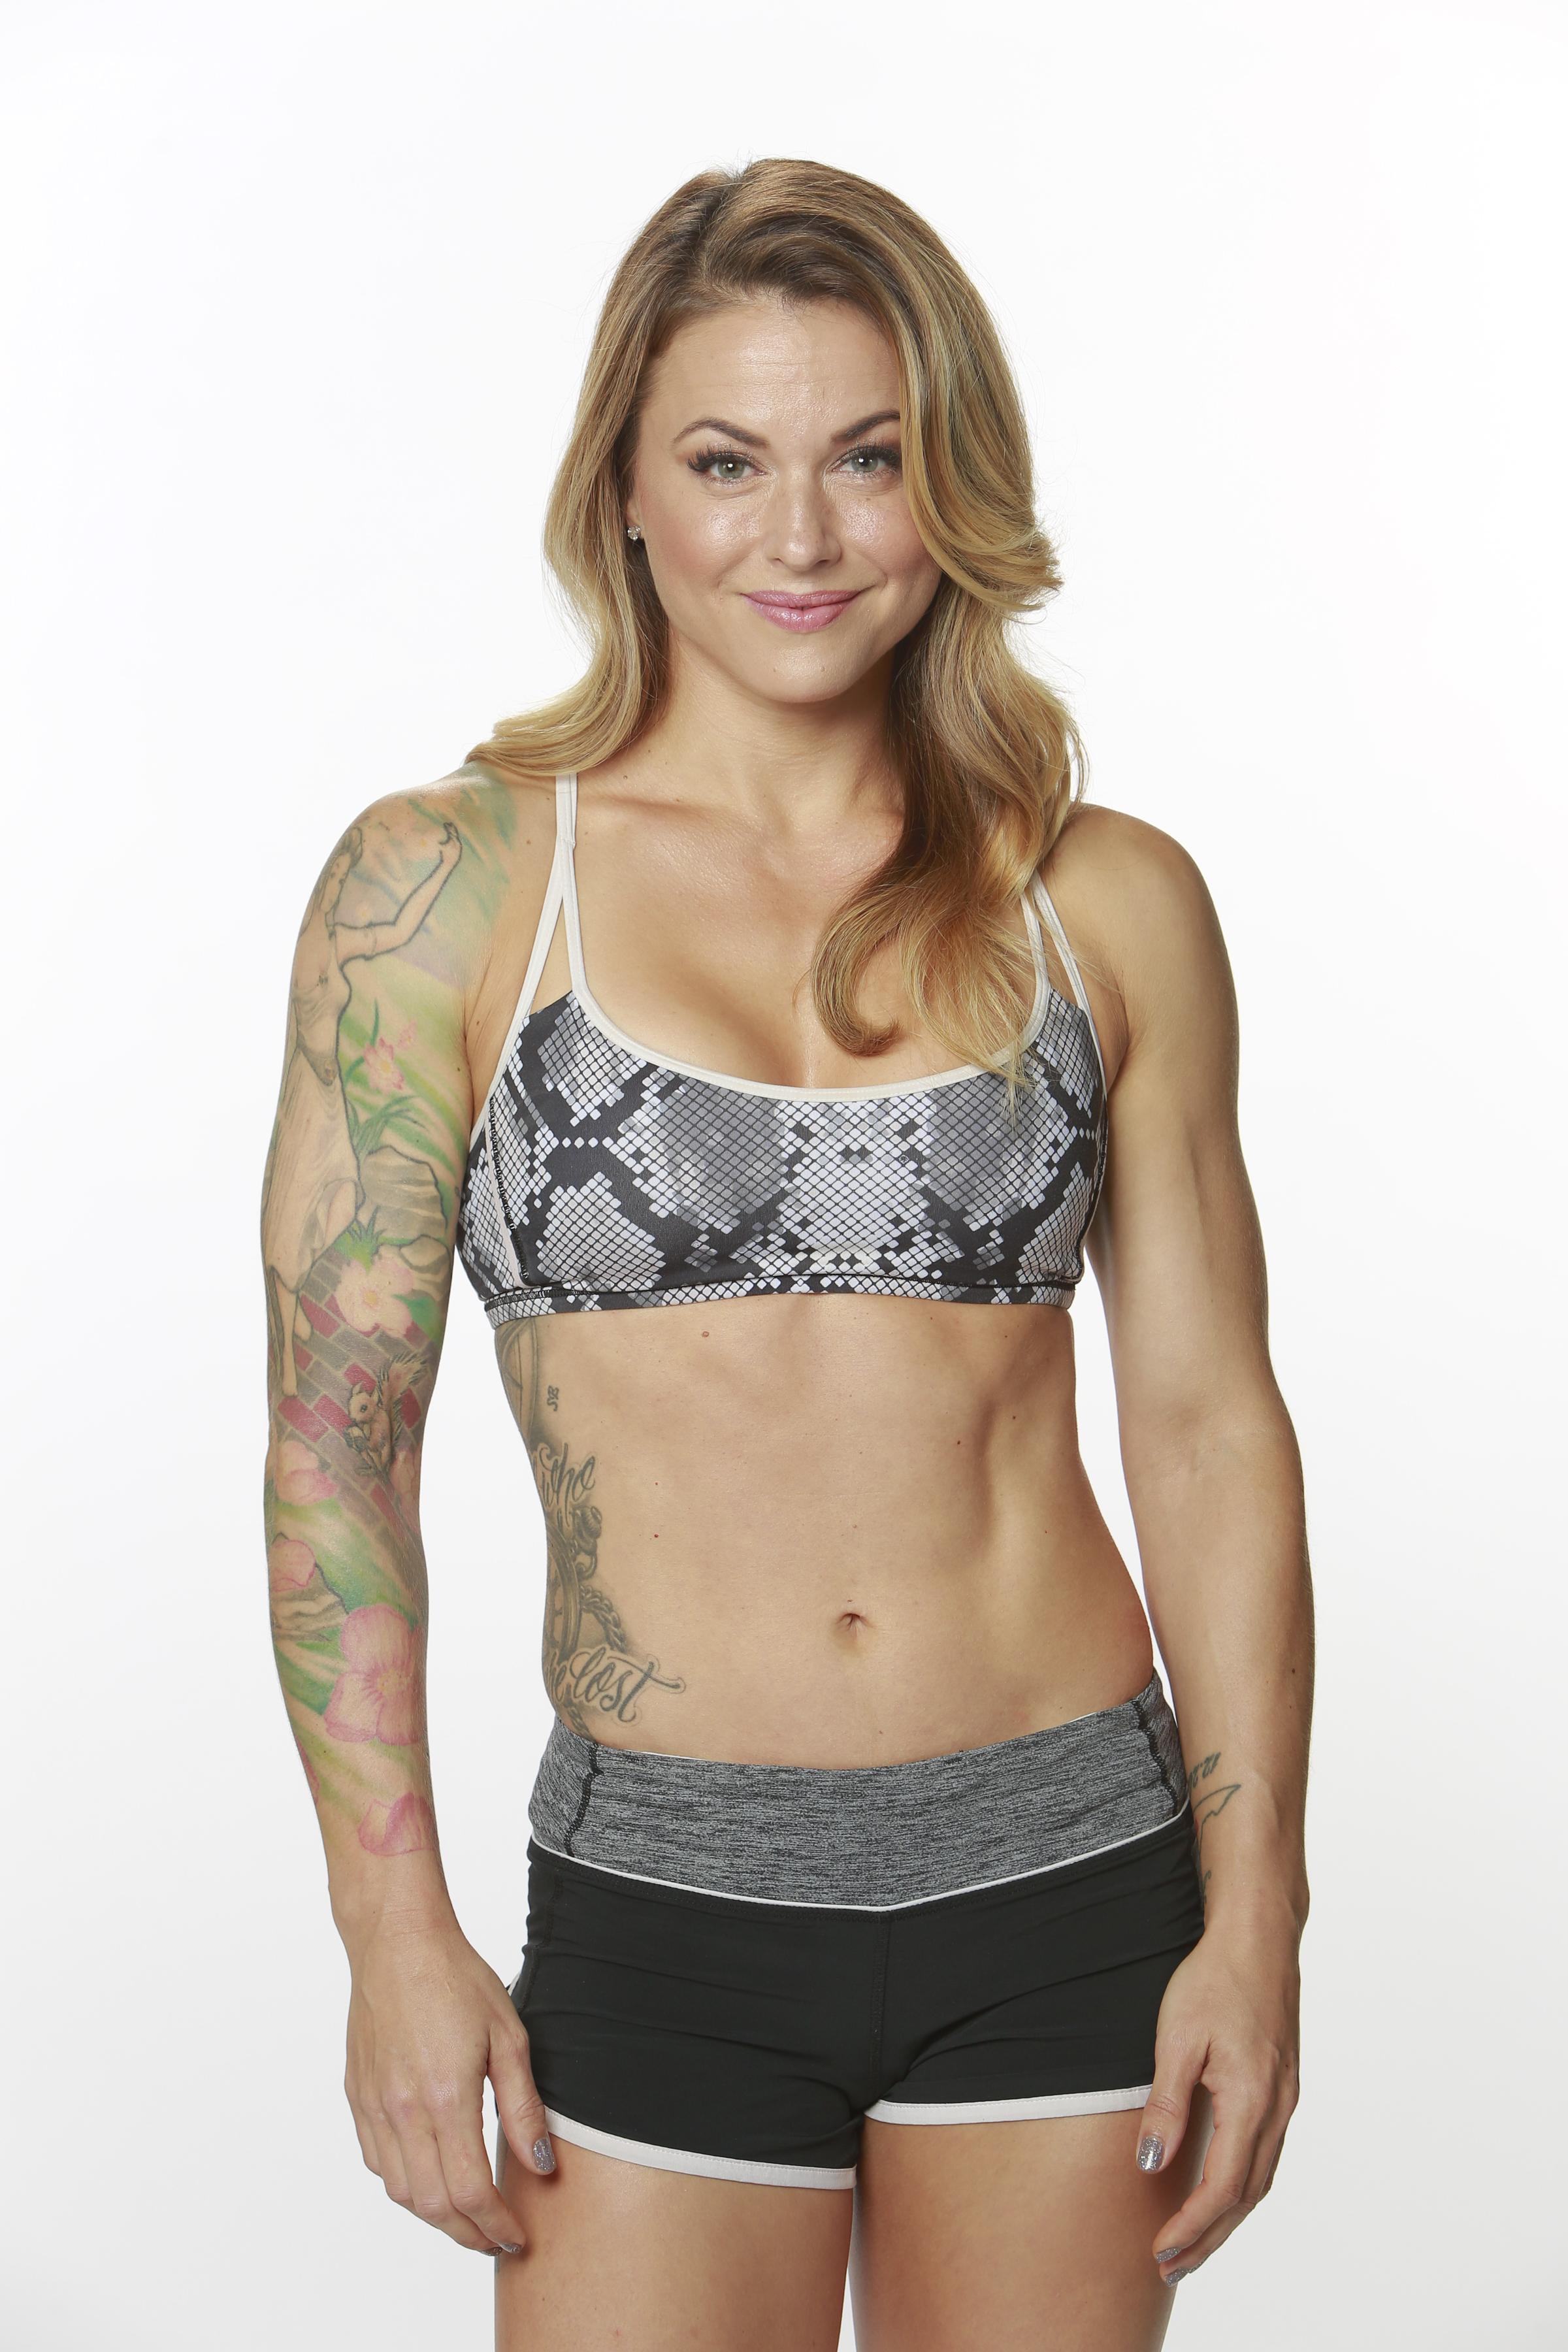 Christmas Abbott, 35, Lynchburg, Va., fitness superstar